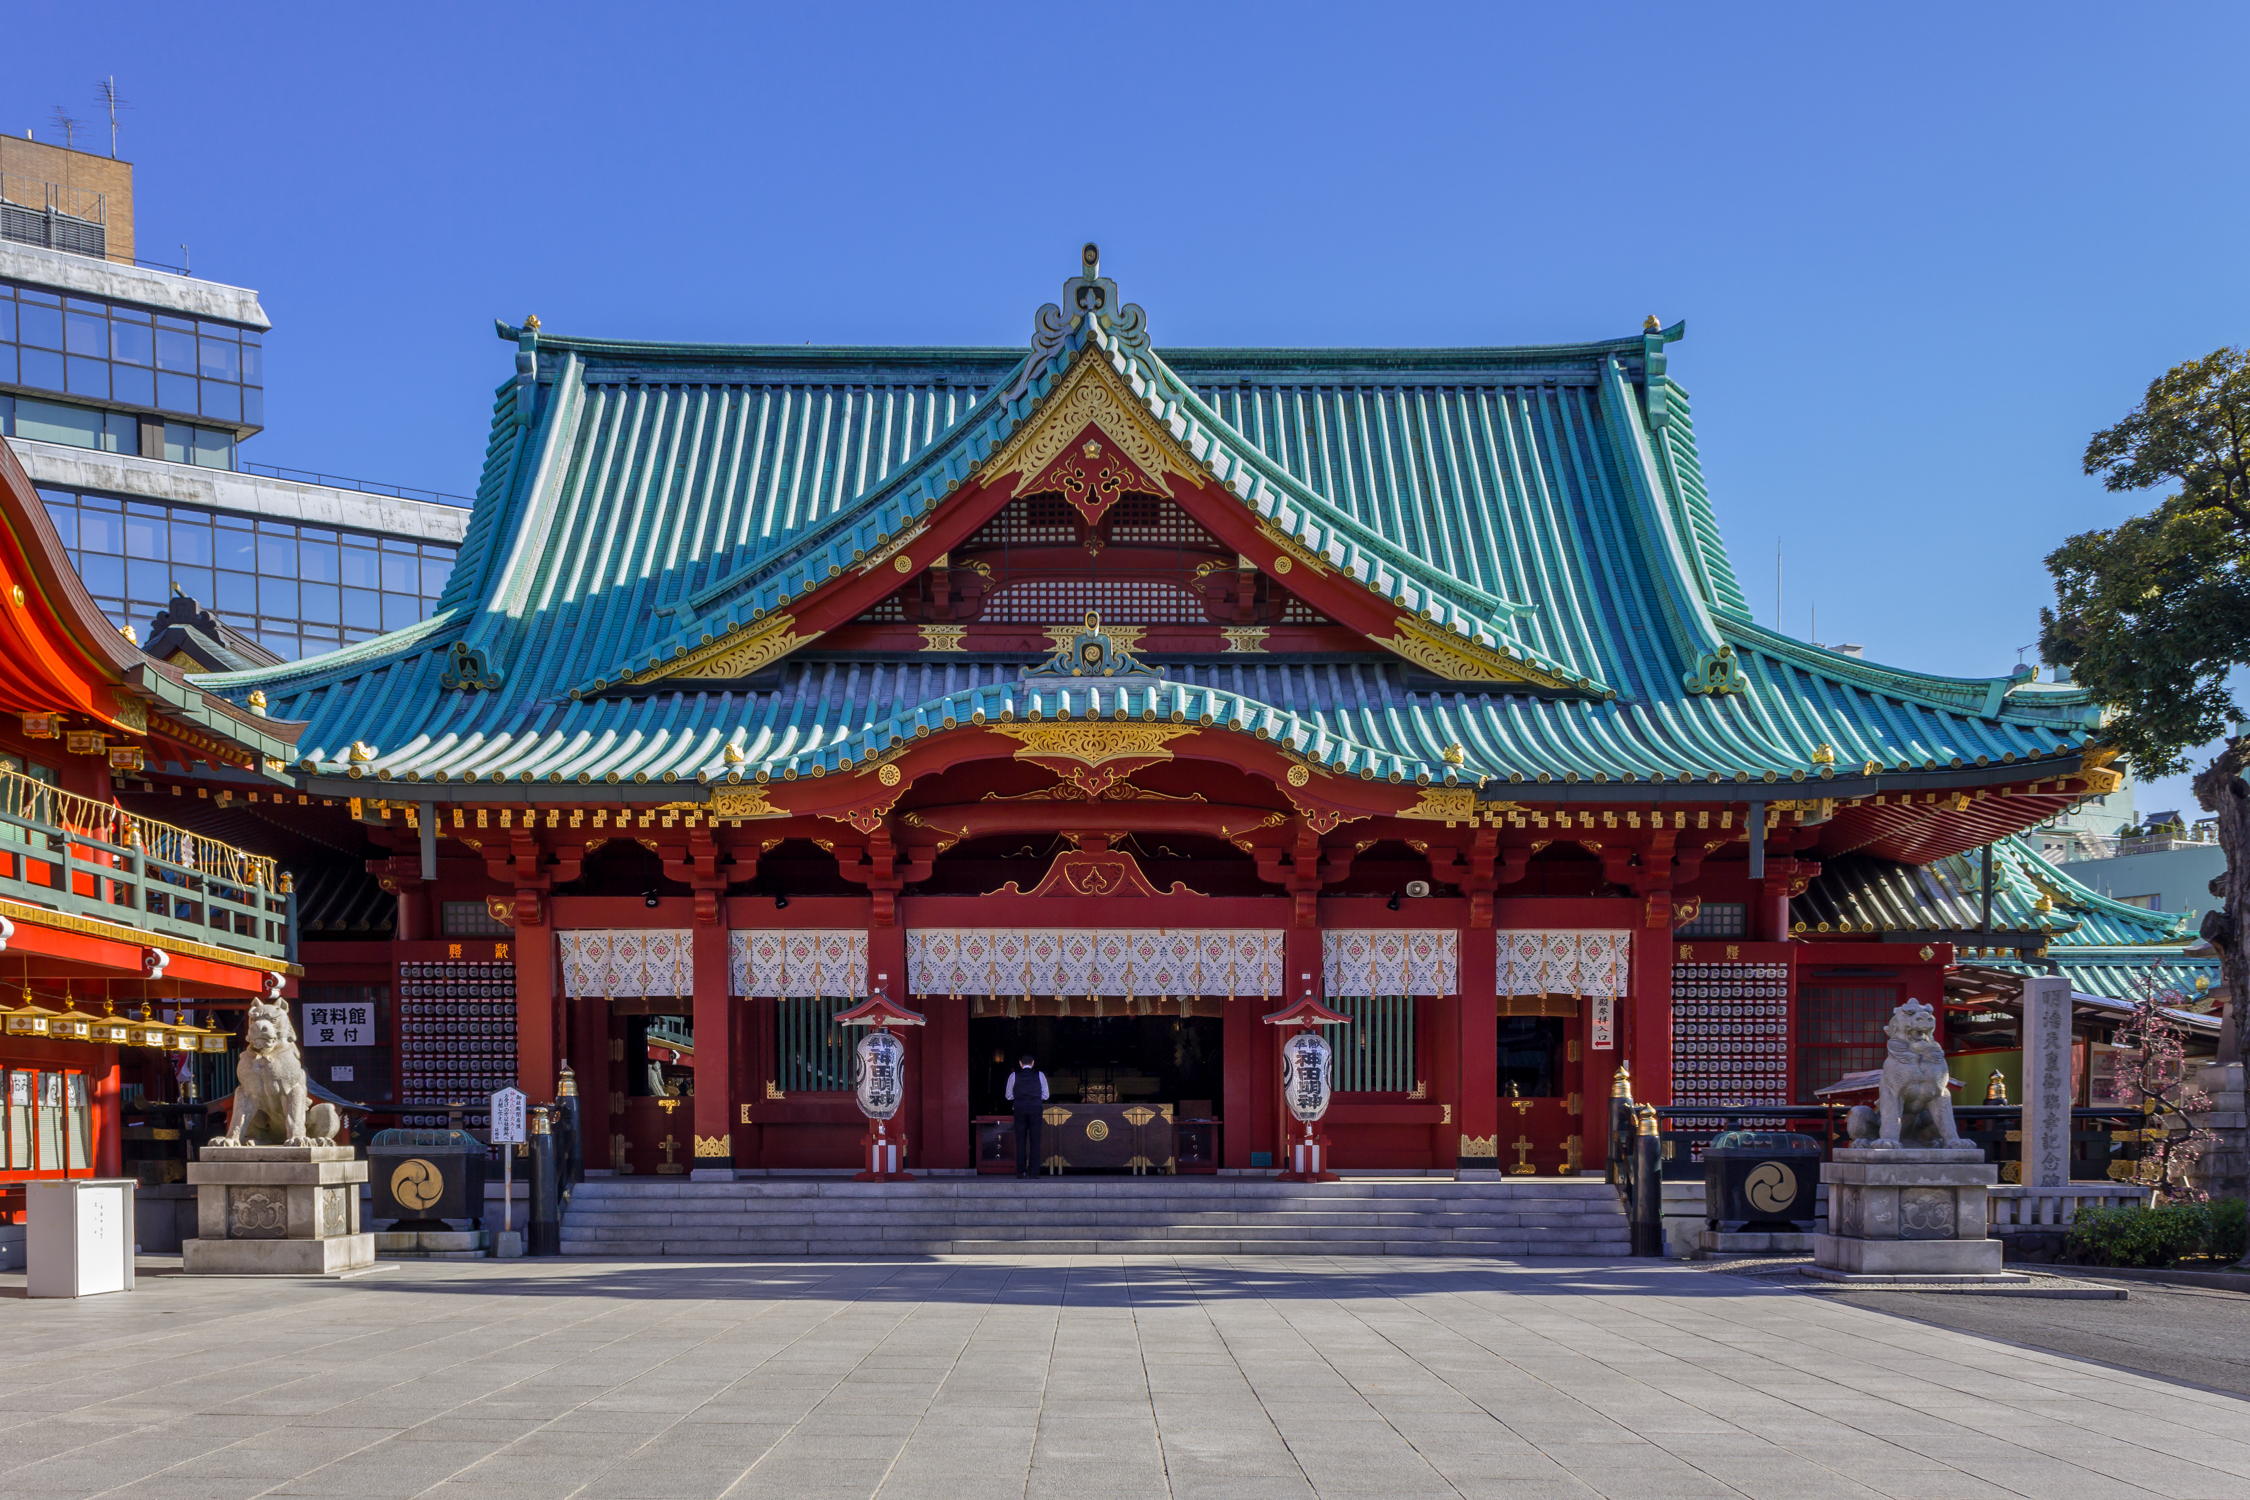 Kanda Myōjin (Kanda Shrine)